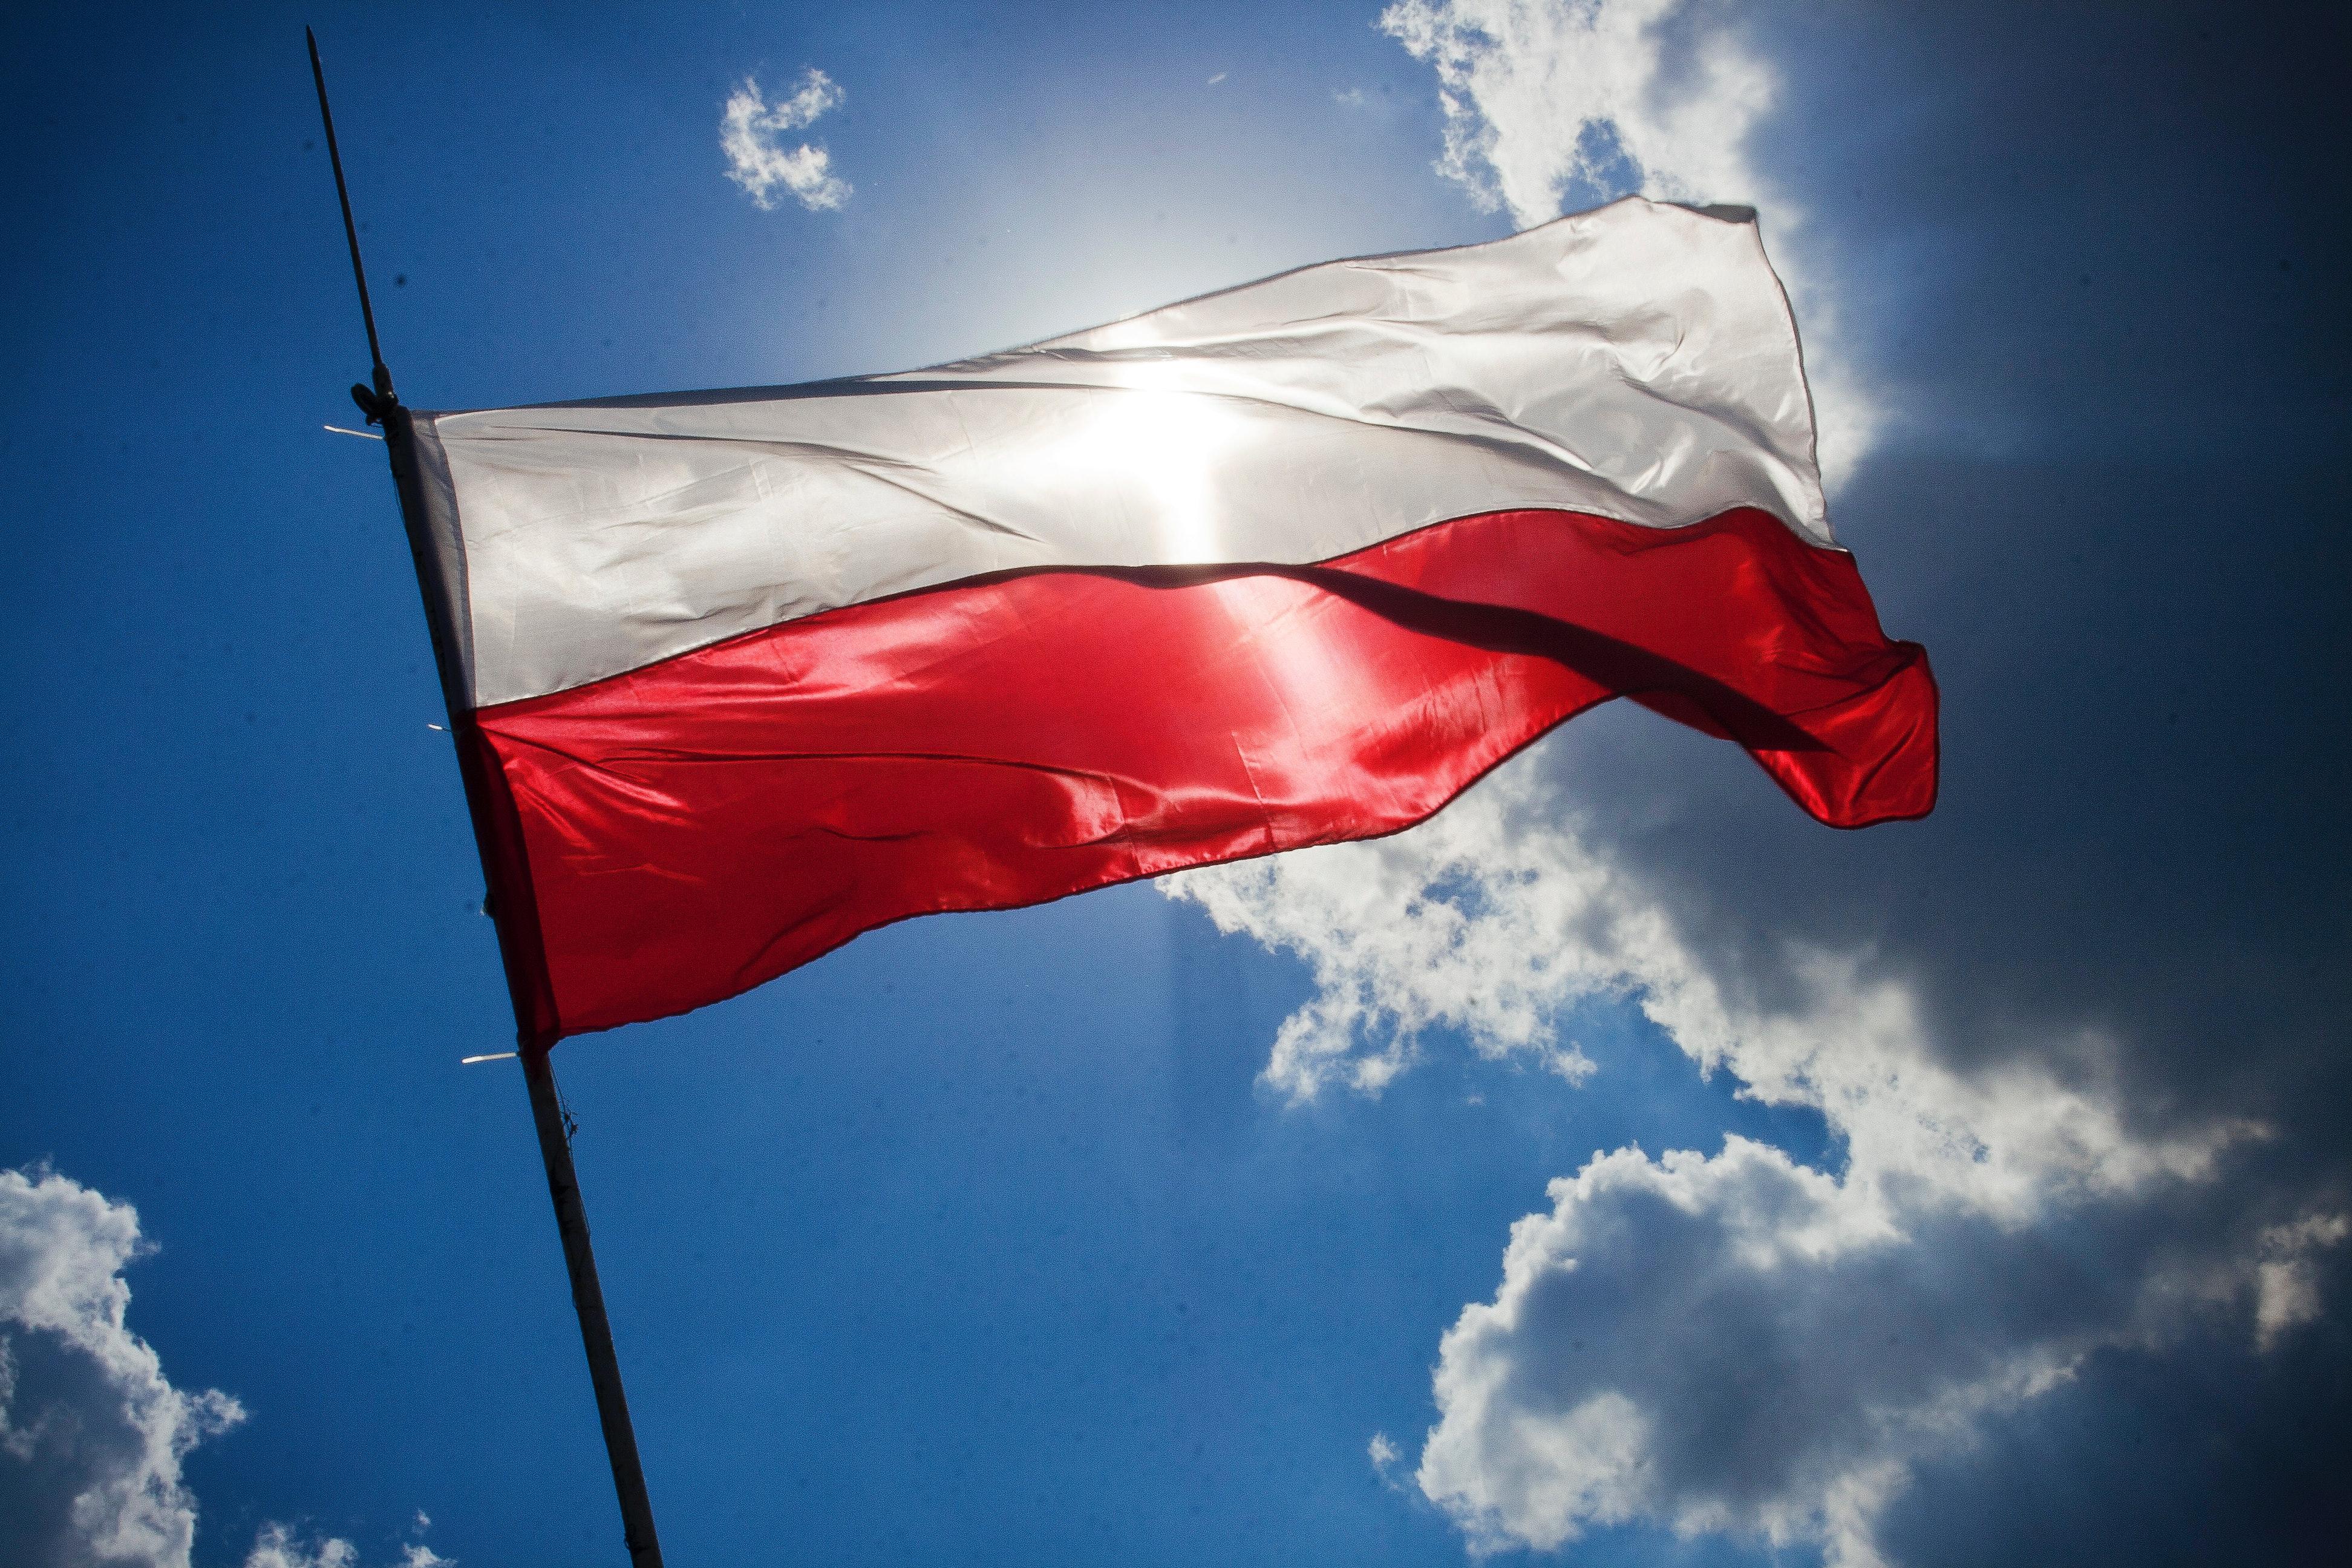 UPDATE 1-Polish ambassador spat at in Israel amid rising tensions